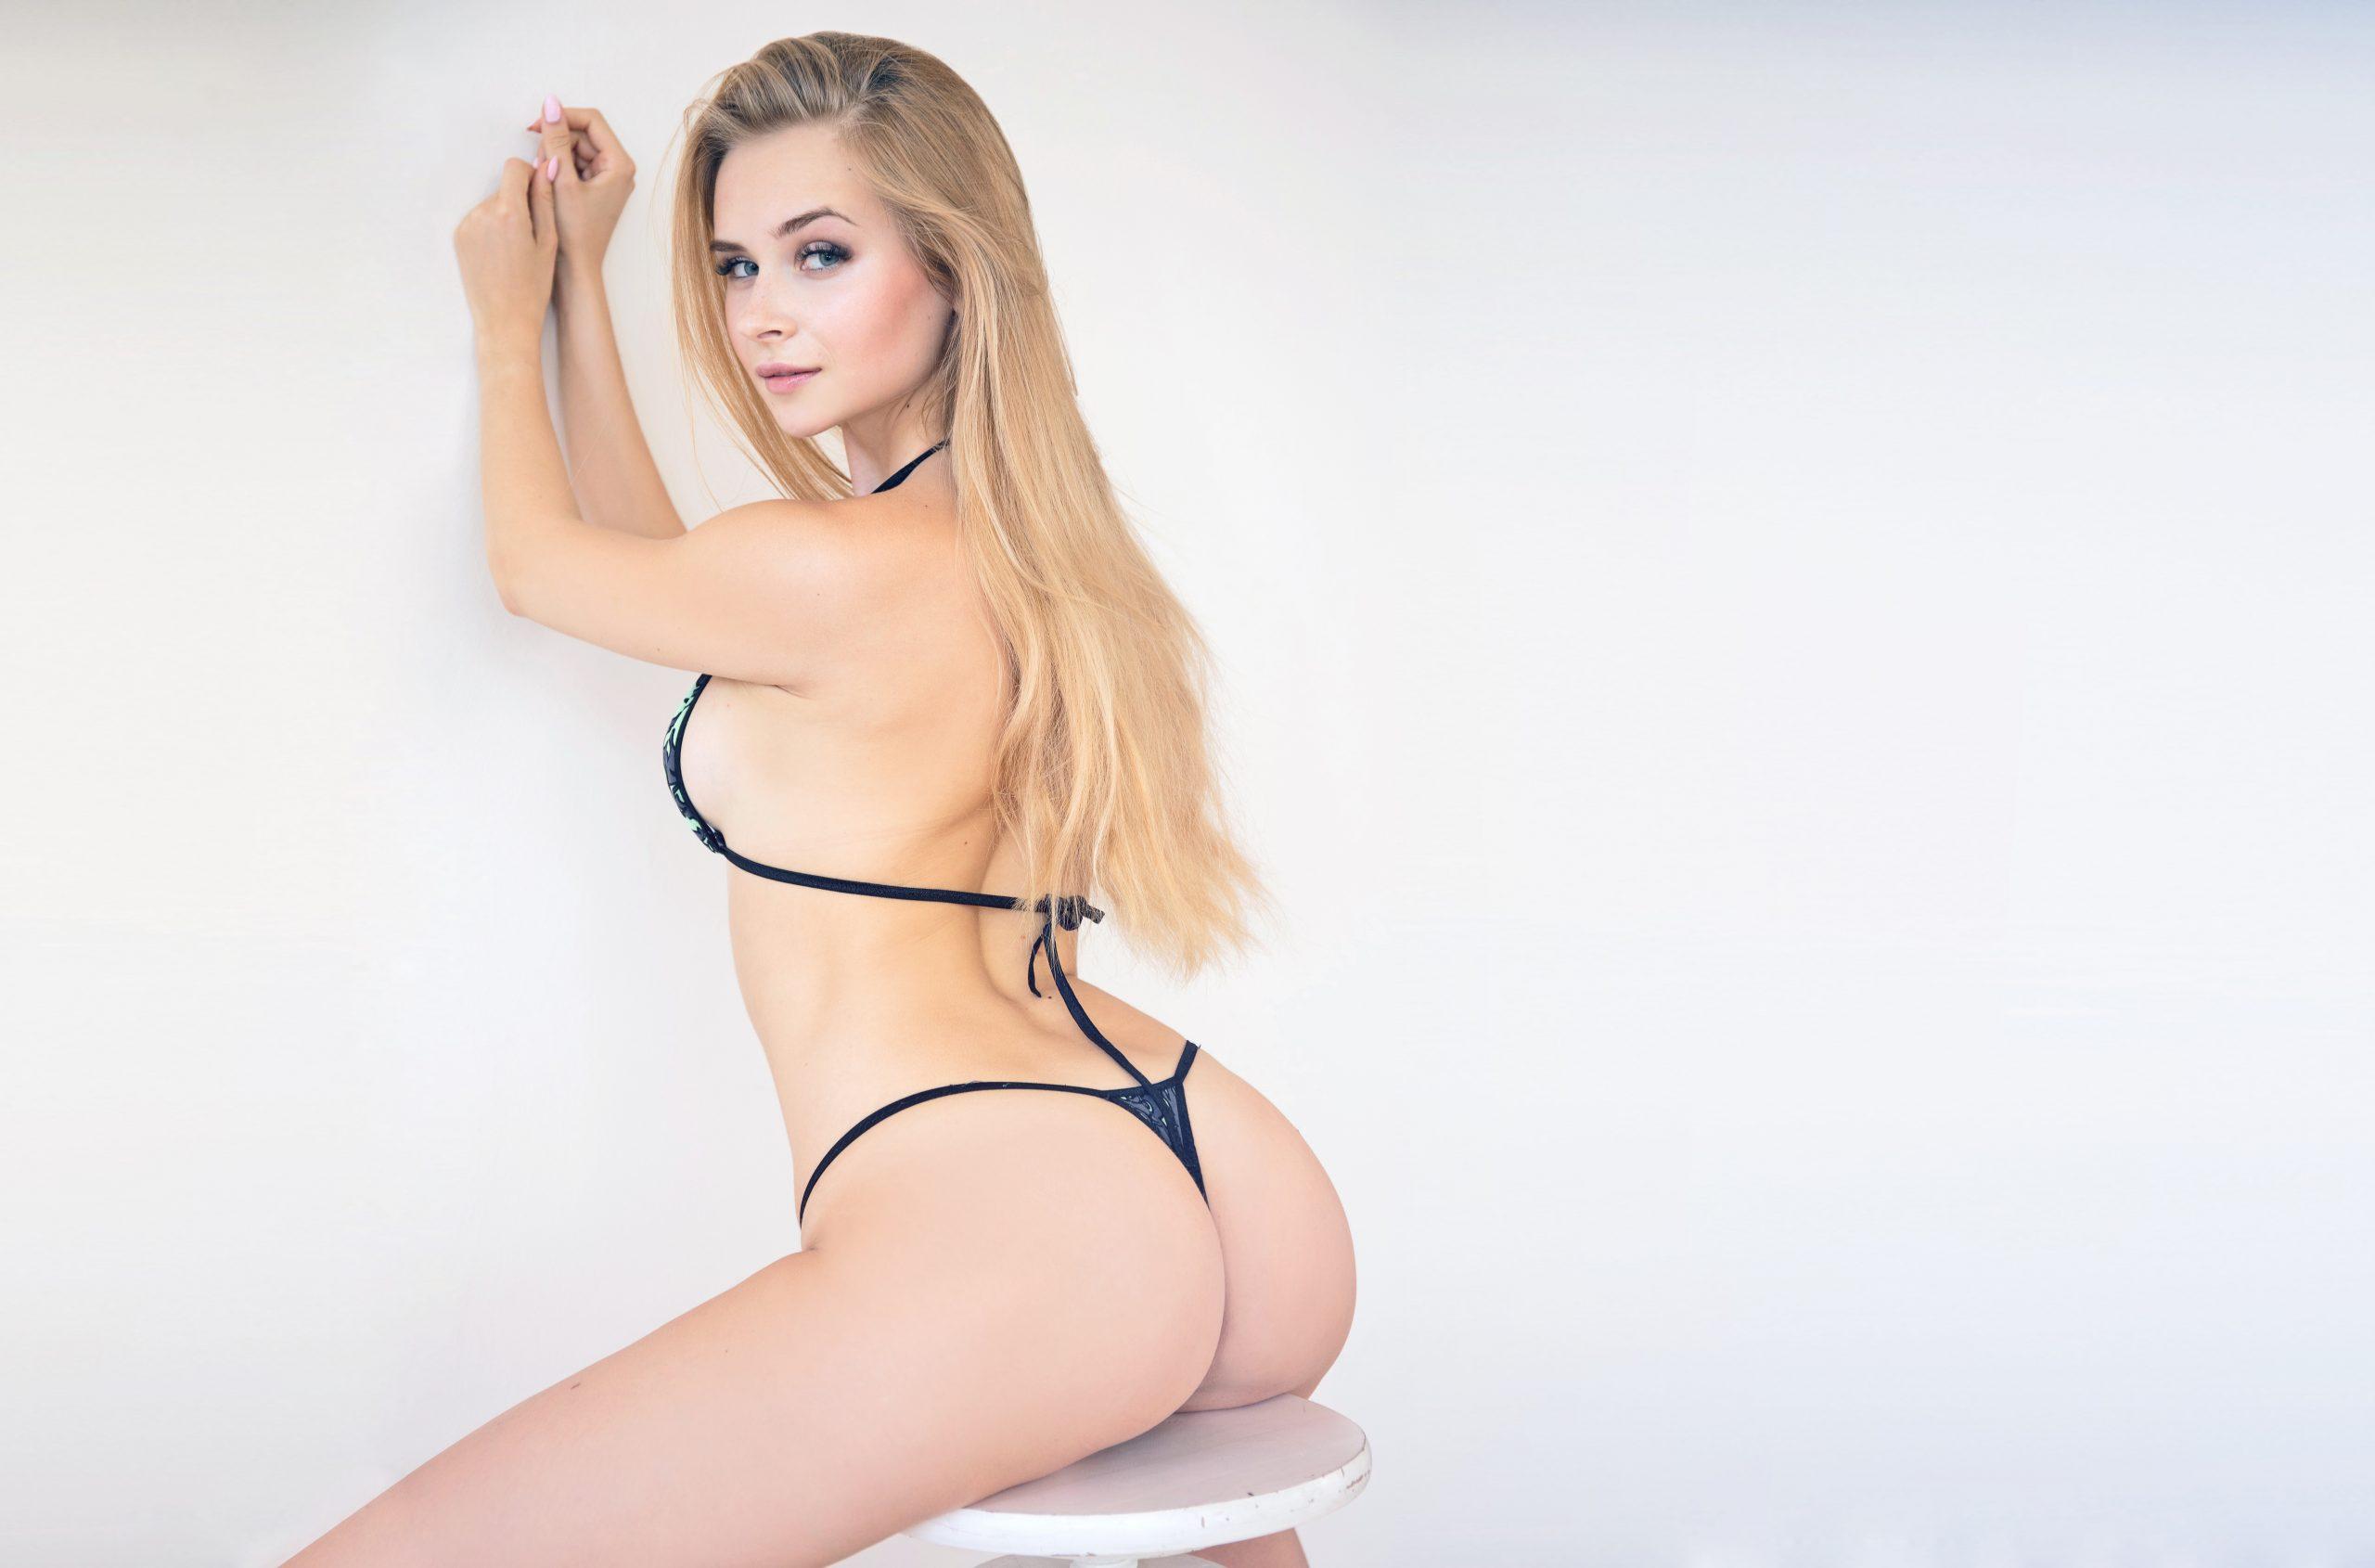 Claudia Escort